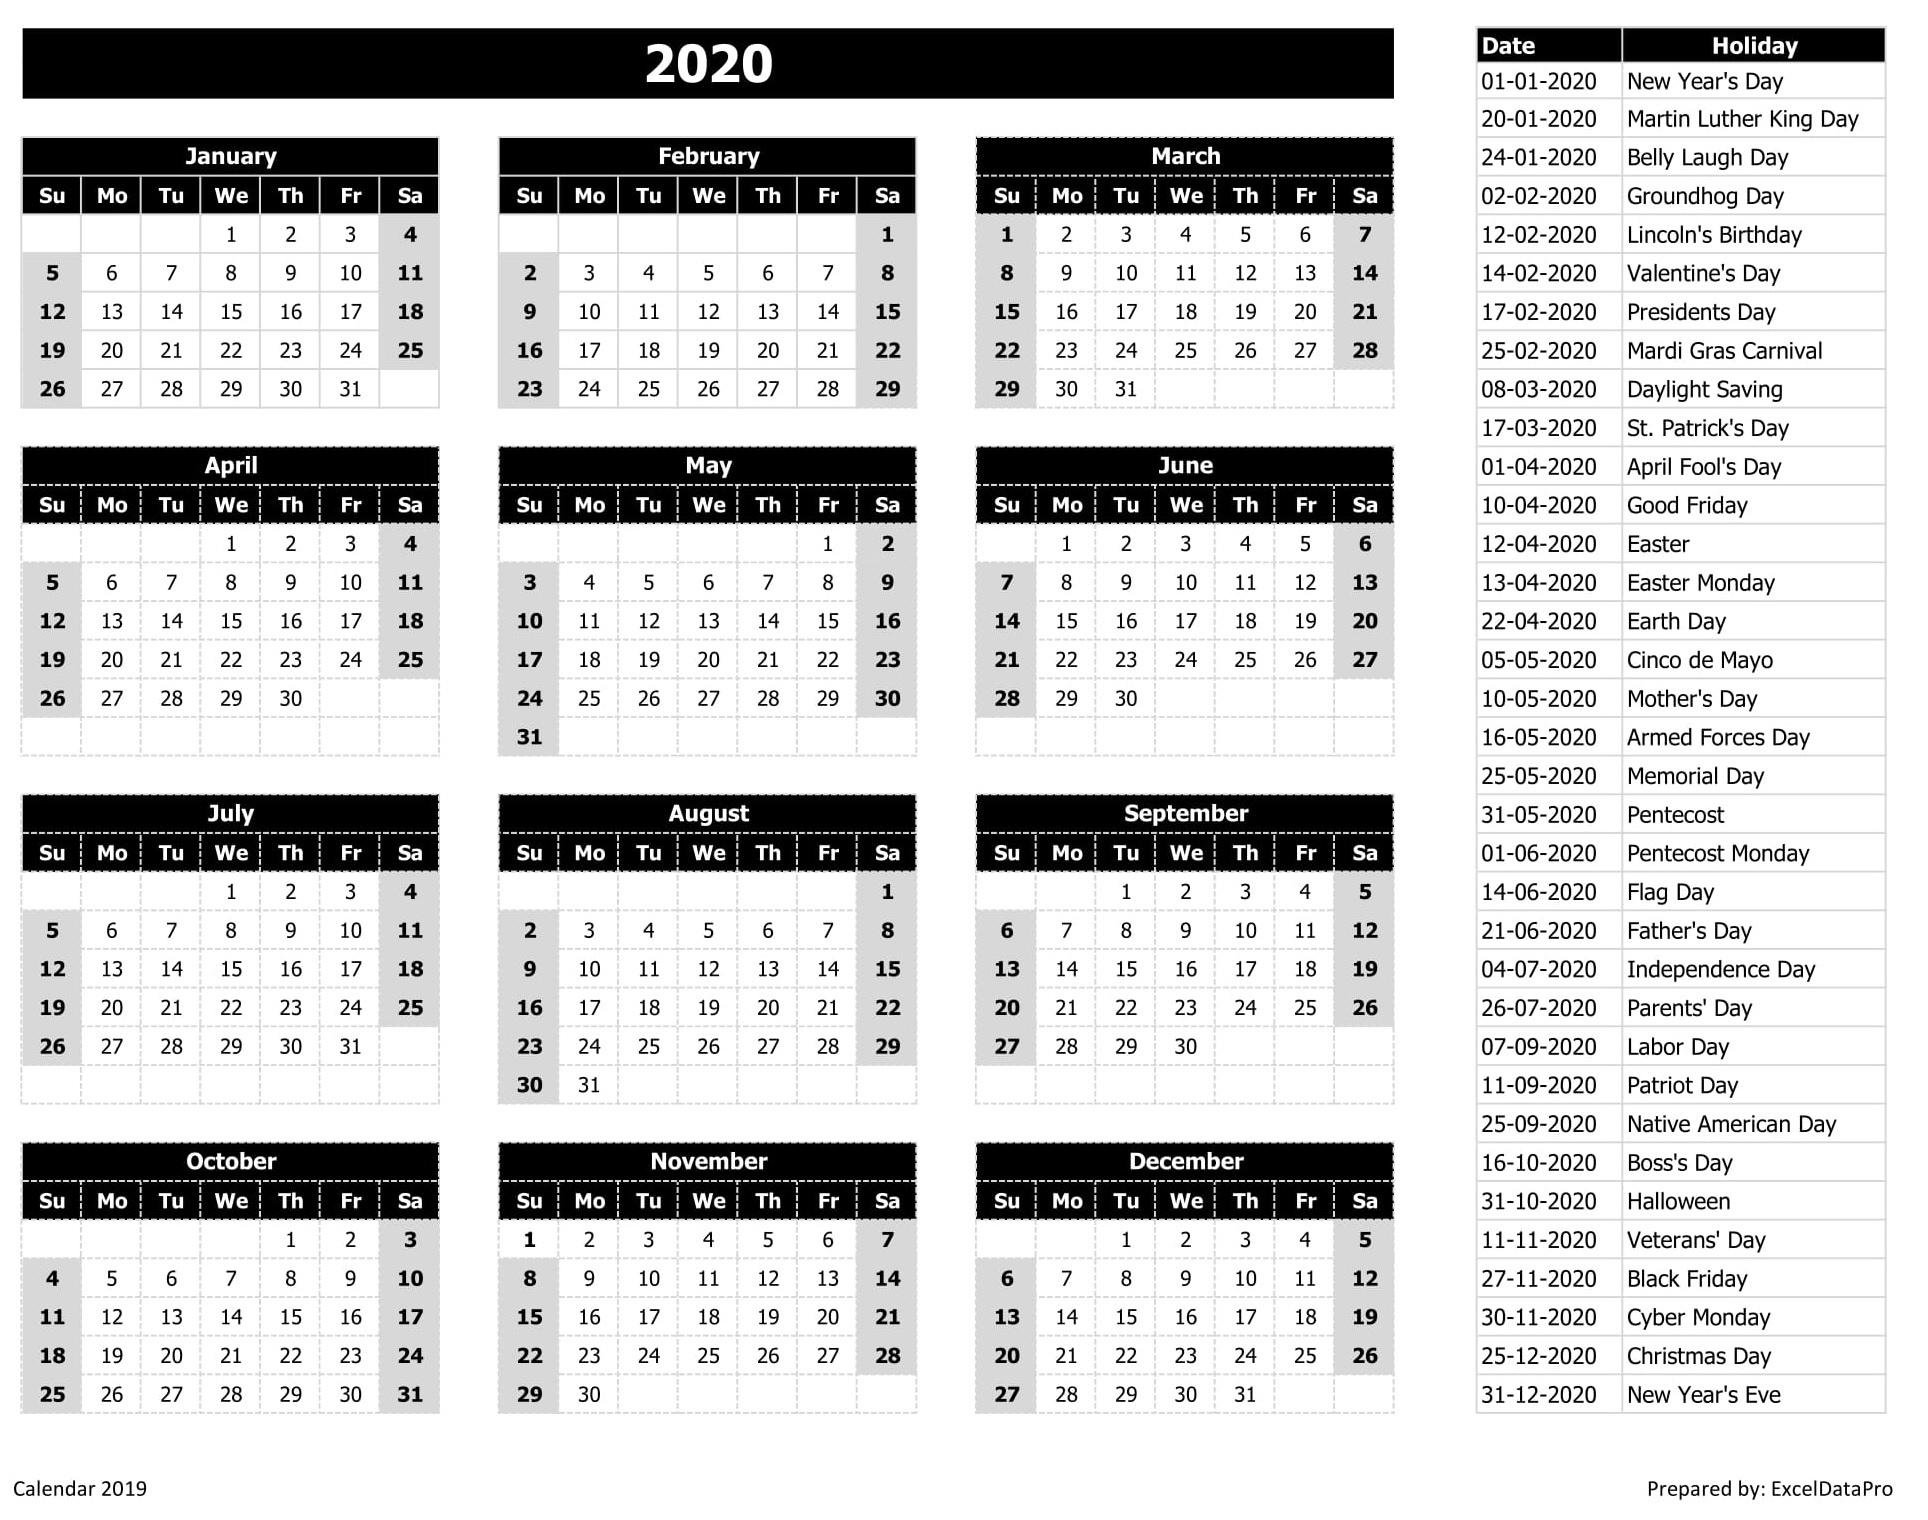 2020 Calendar In Excel